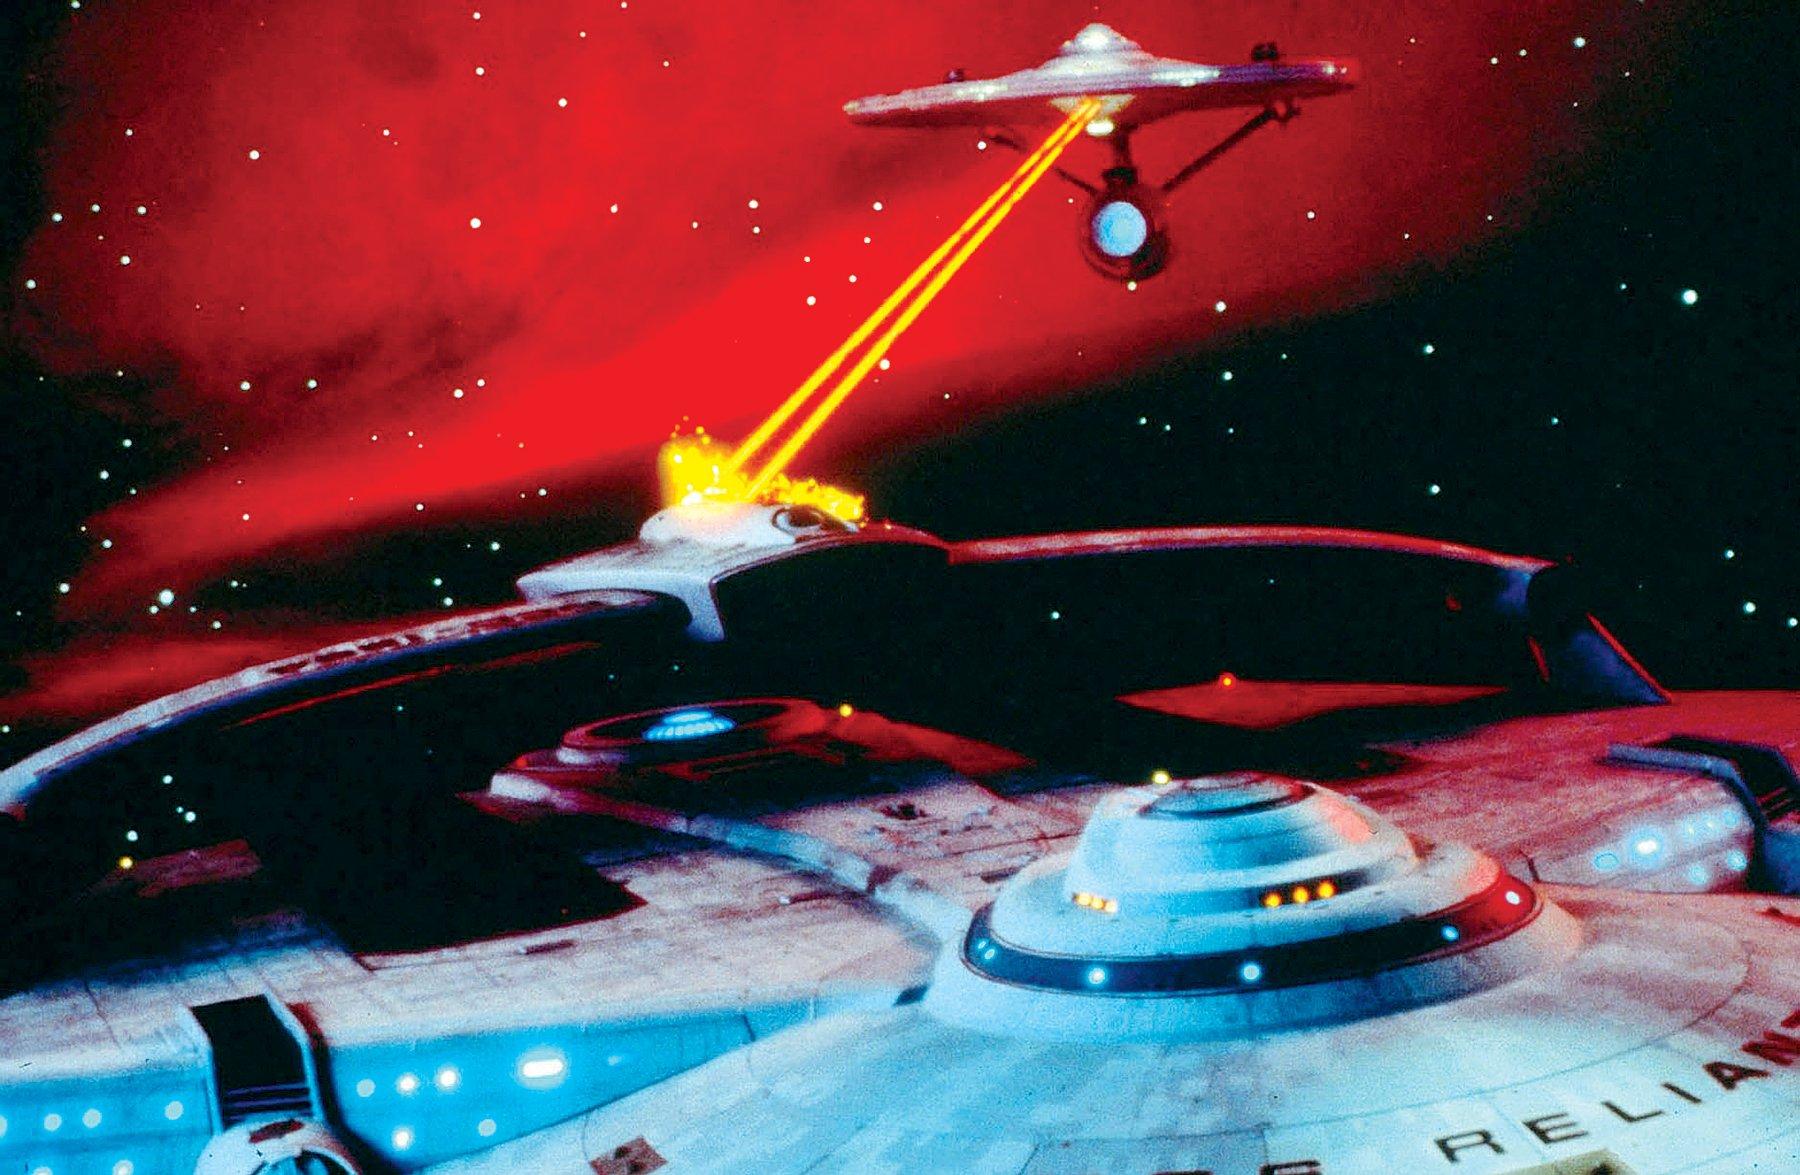 Film still from Star Trek Ii: The Wrath Of Khan by Allstar/Cinetext/PARAMOUNT.